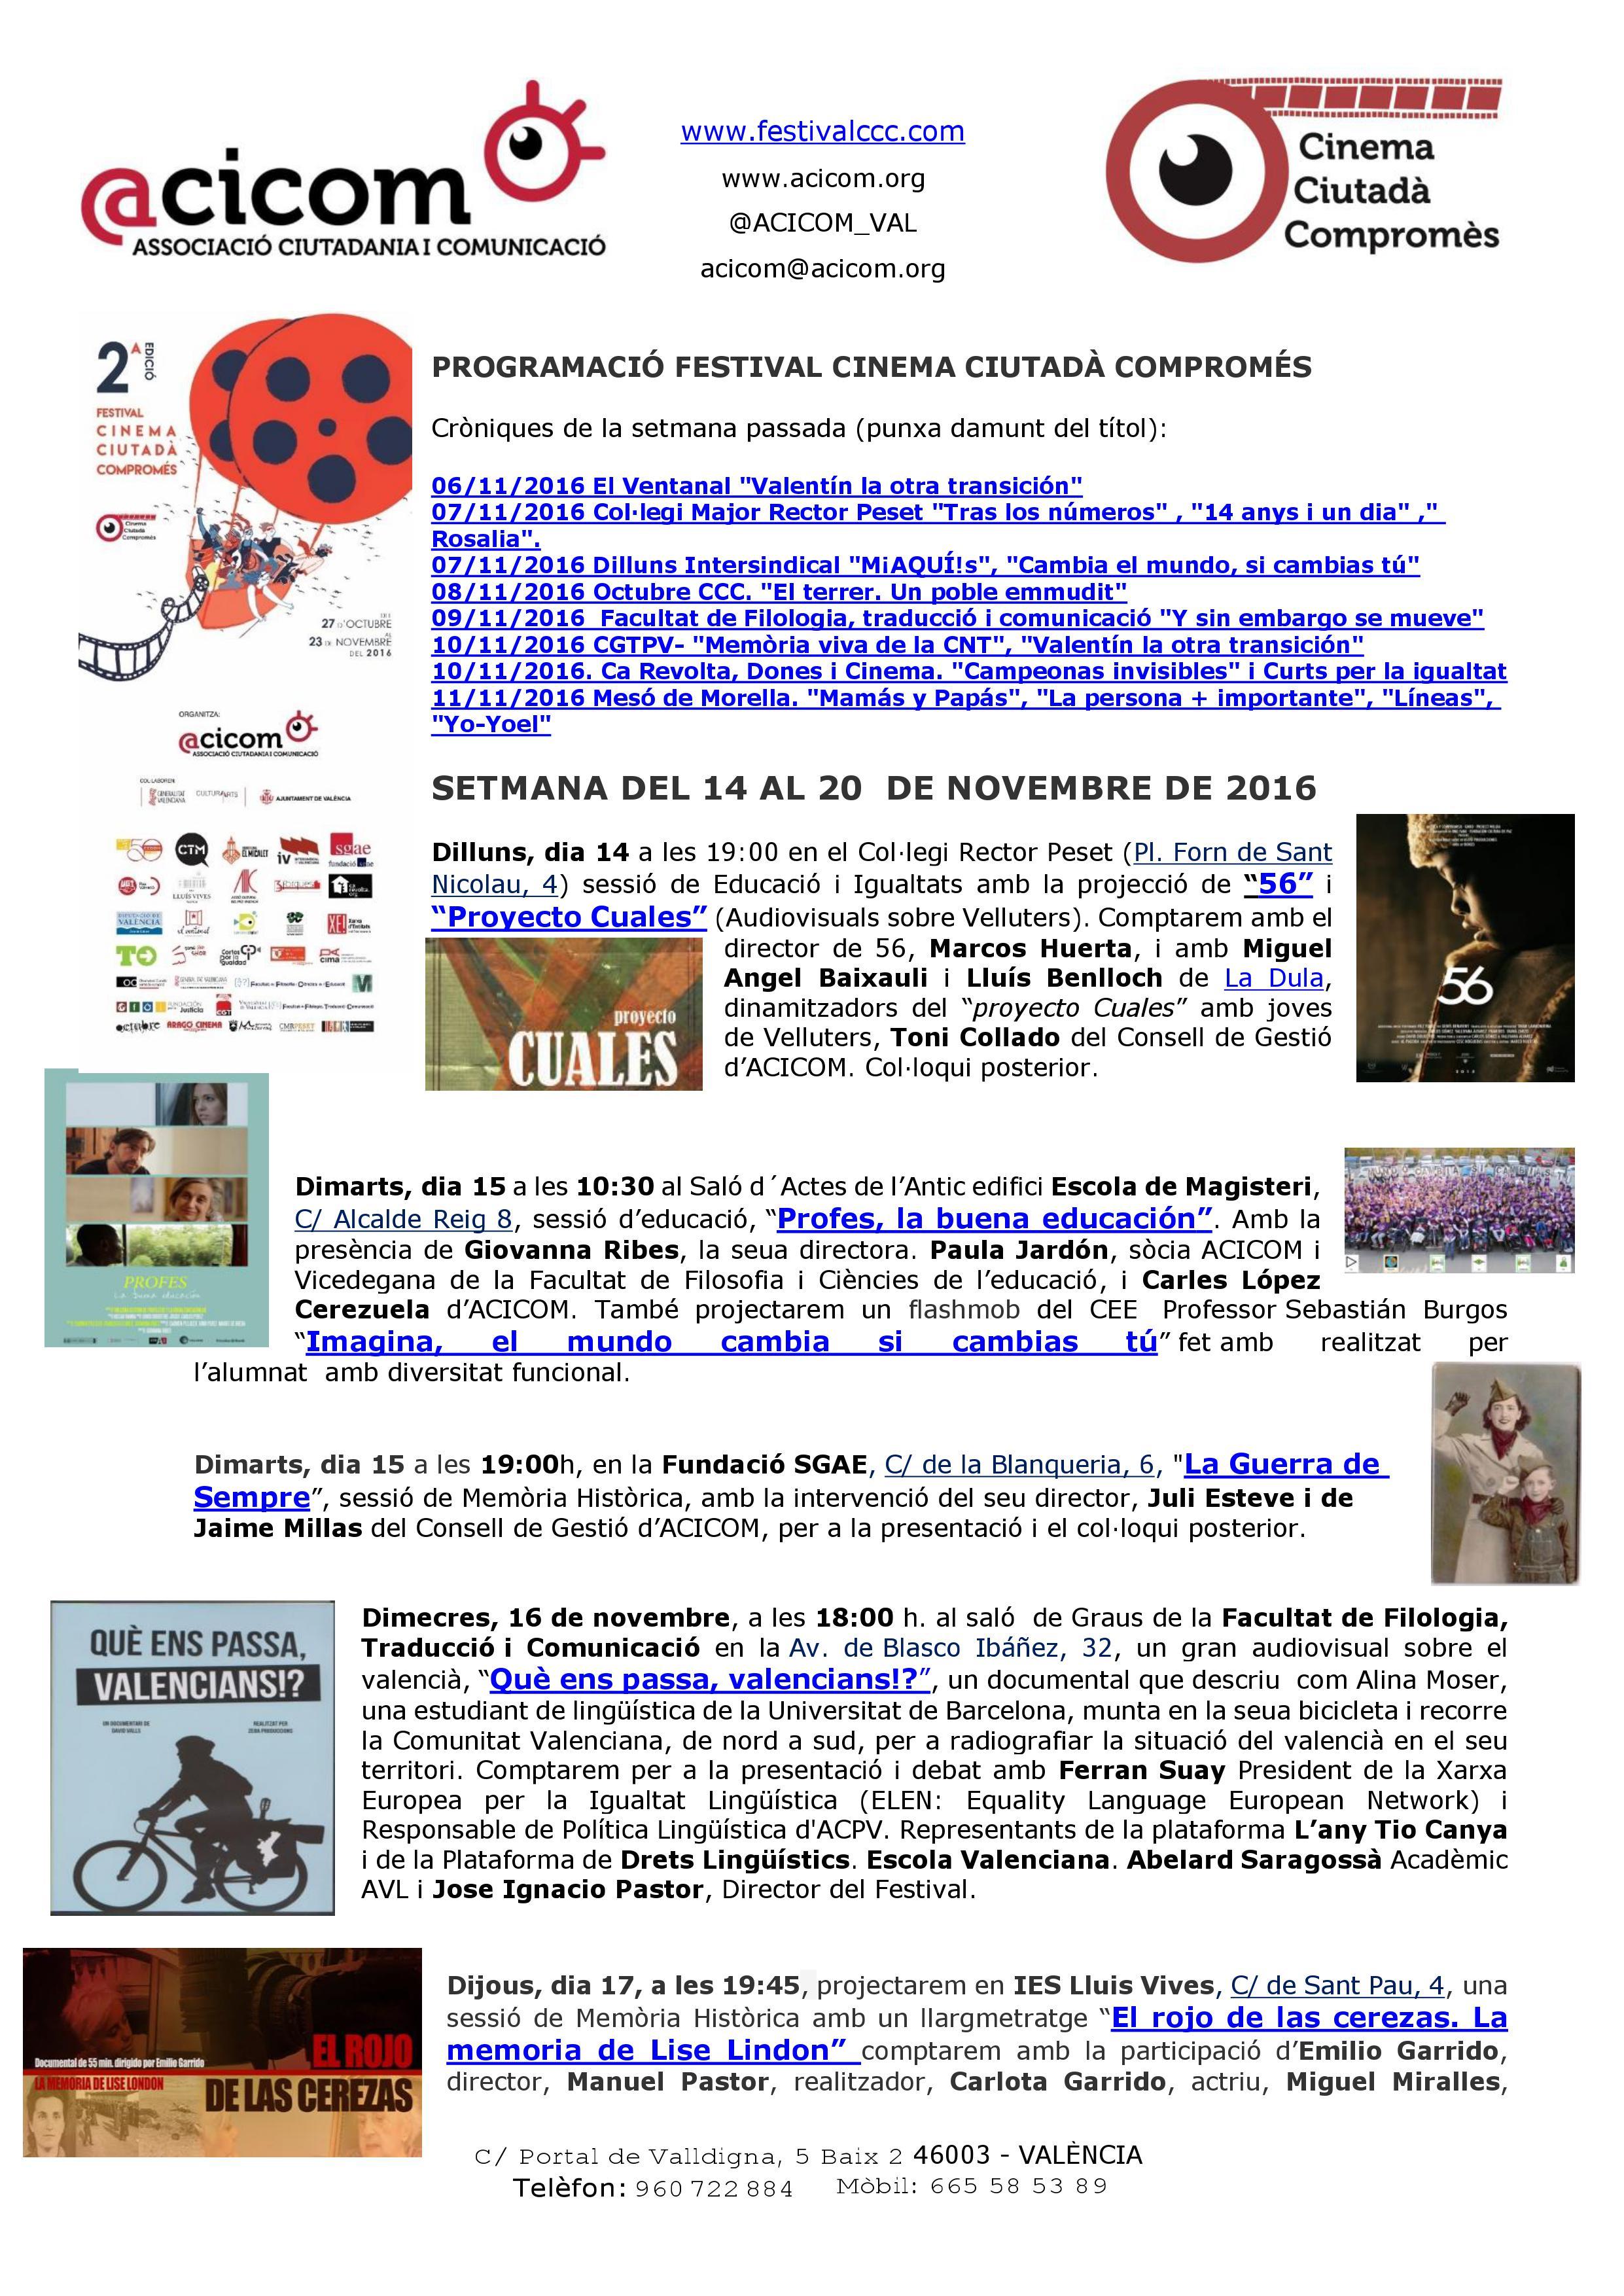 setmana-del-14-al-20-de-novembre-programacio-festival-cinema-ciutada-compromes-2016-1-2